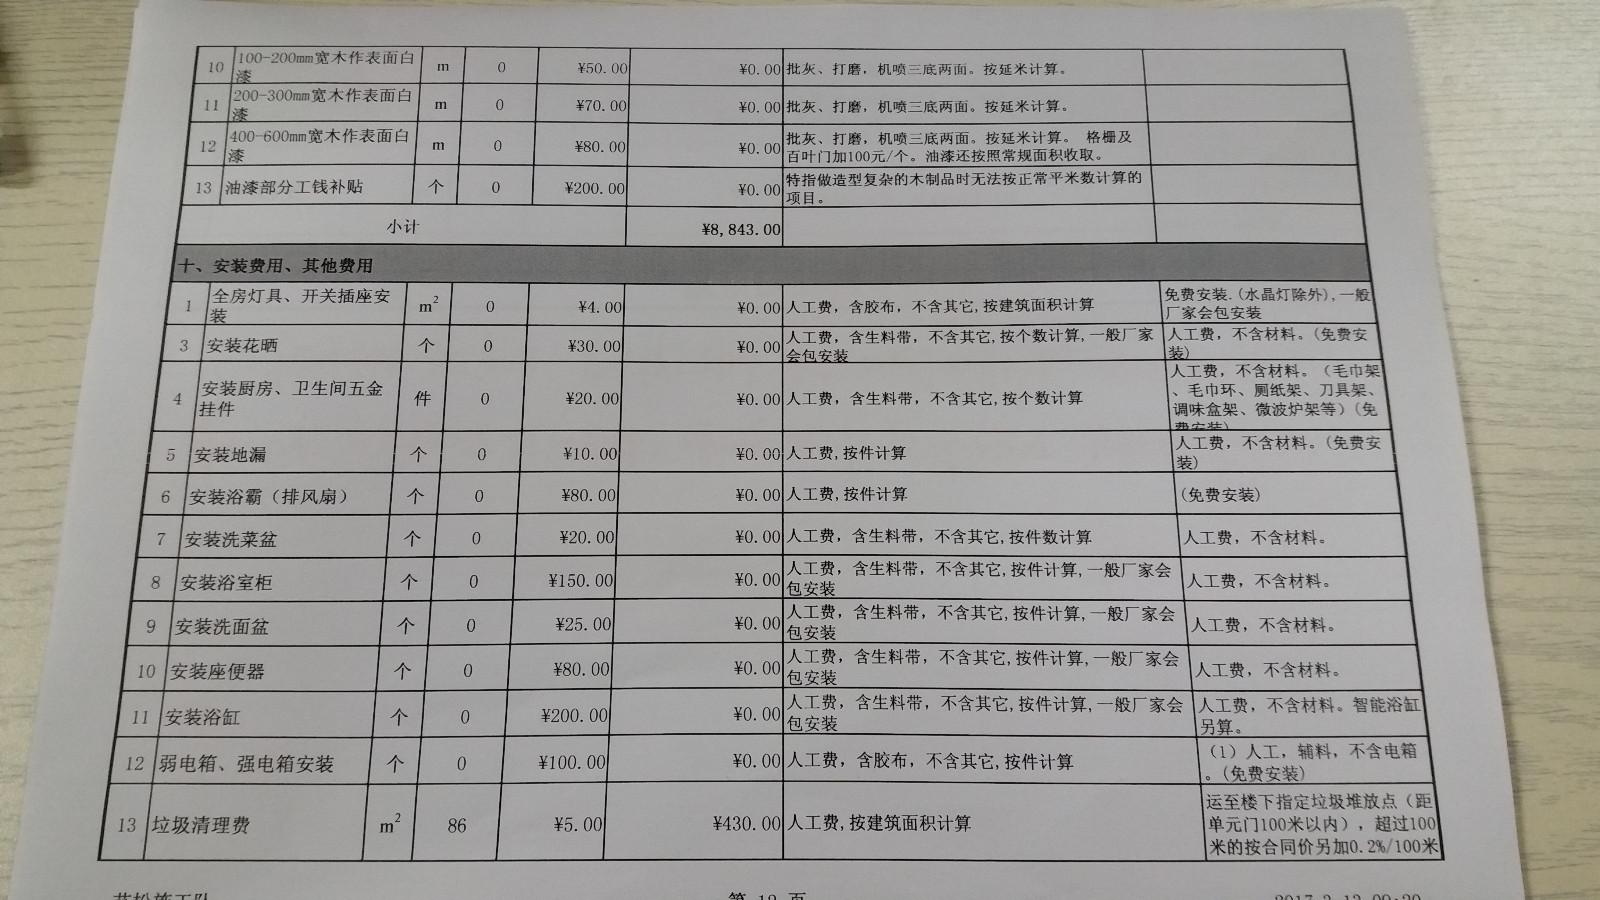 长源假日港湾报价审核结果12